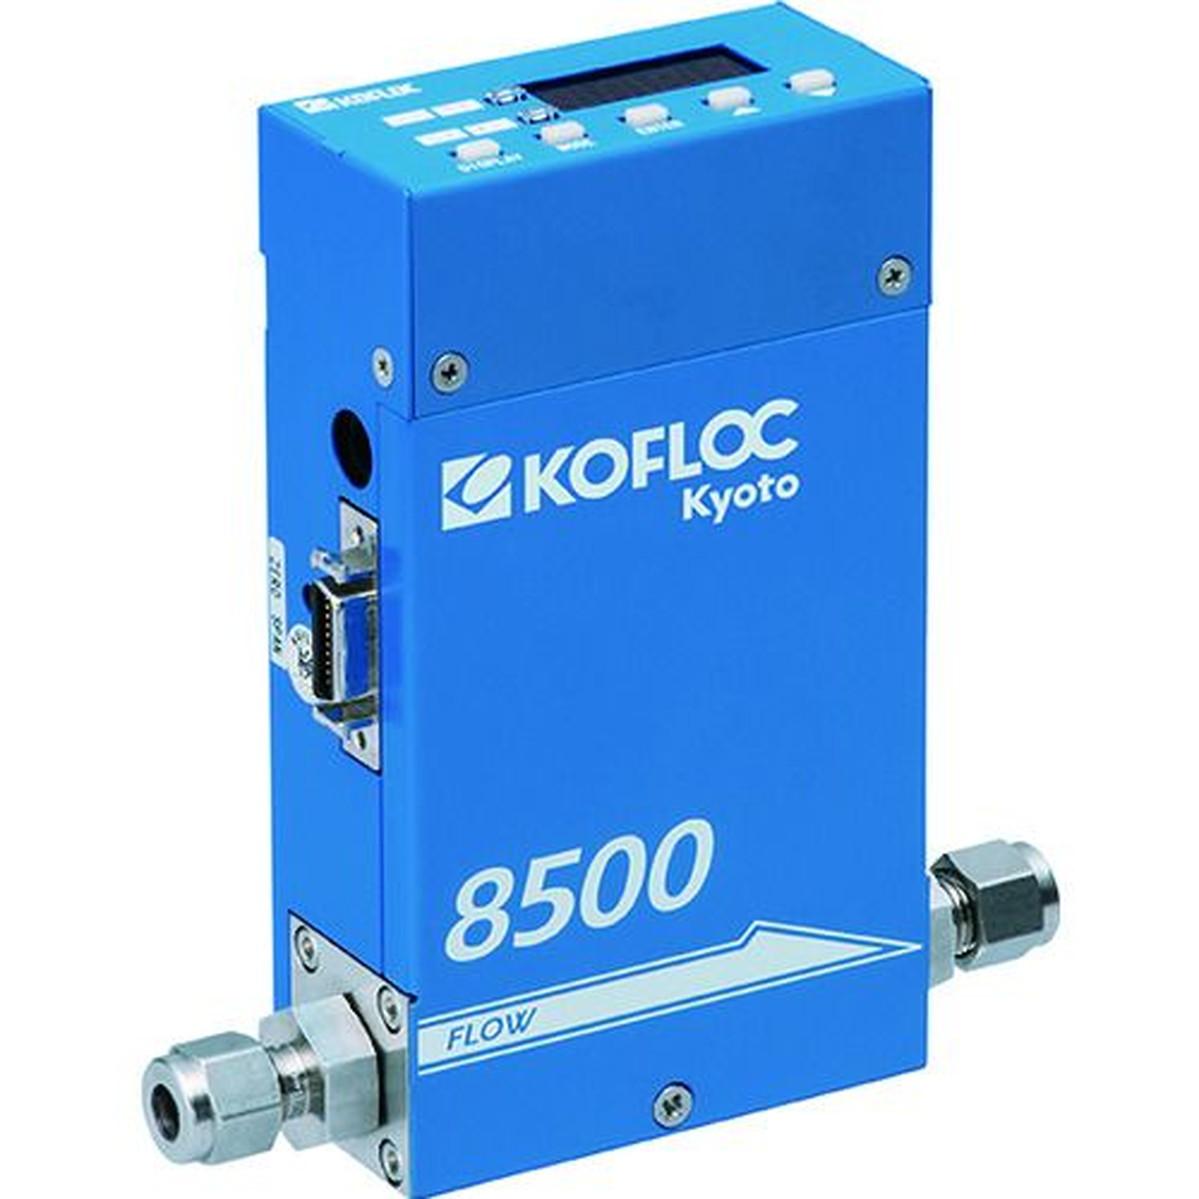 高品質 コフロック 表示器付マスフローコントローラ/メータ 8500MC-2-05 コフロック 1個, HONEY-OF-D:cdd8b7f4 --- heathtax.com